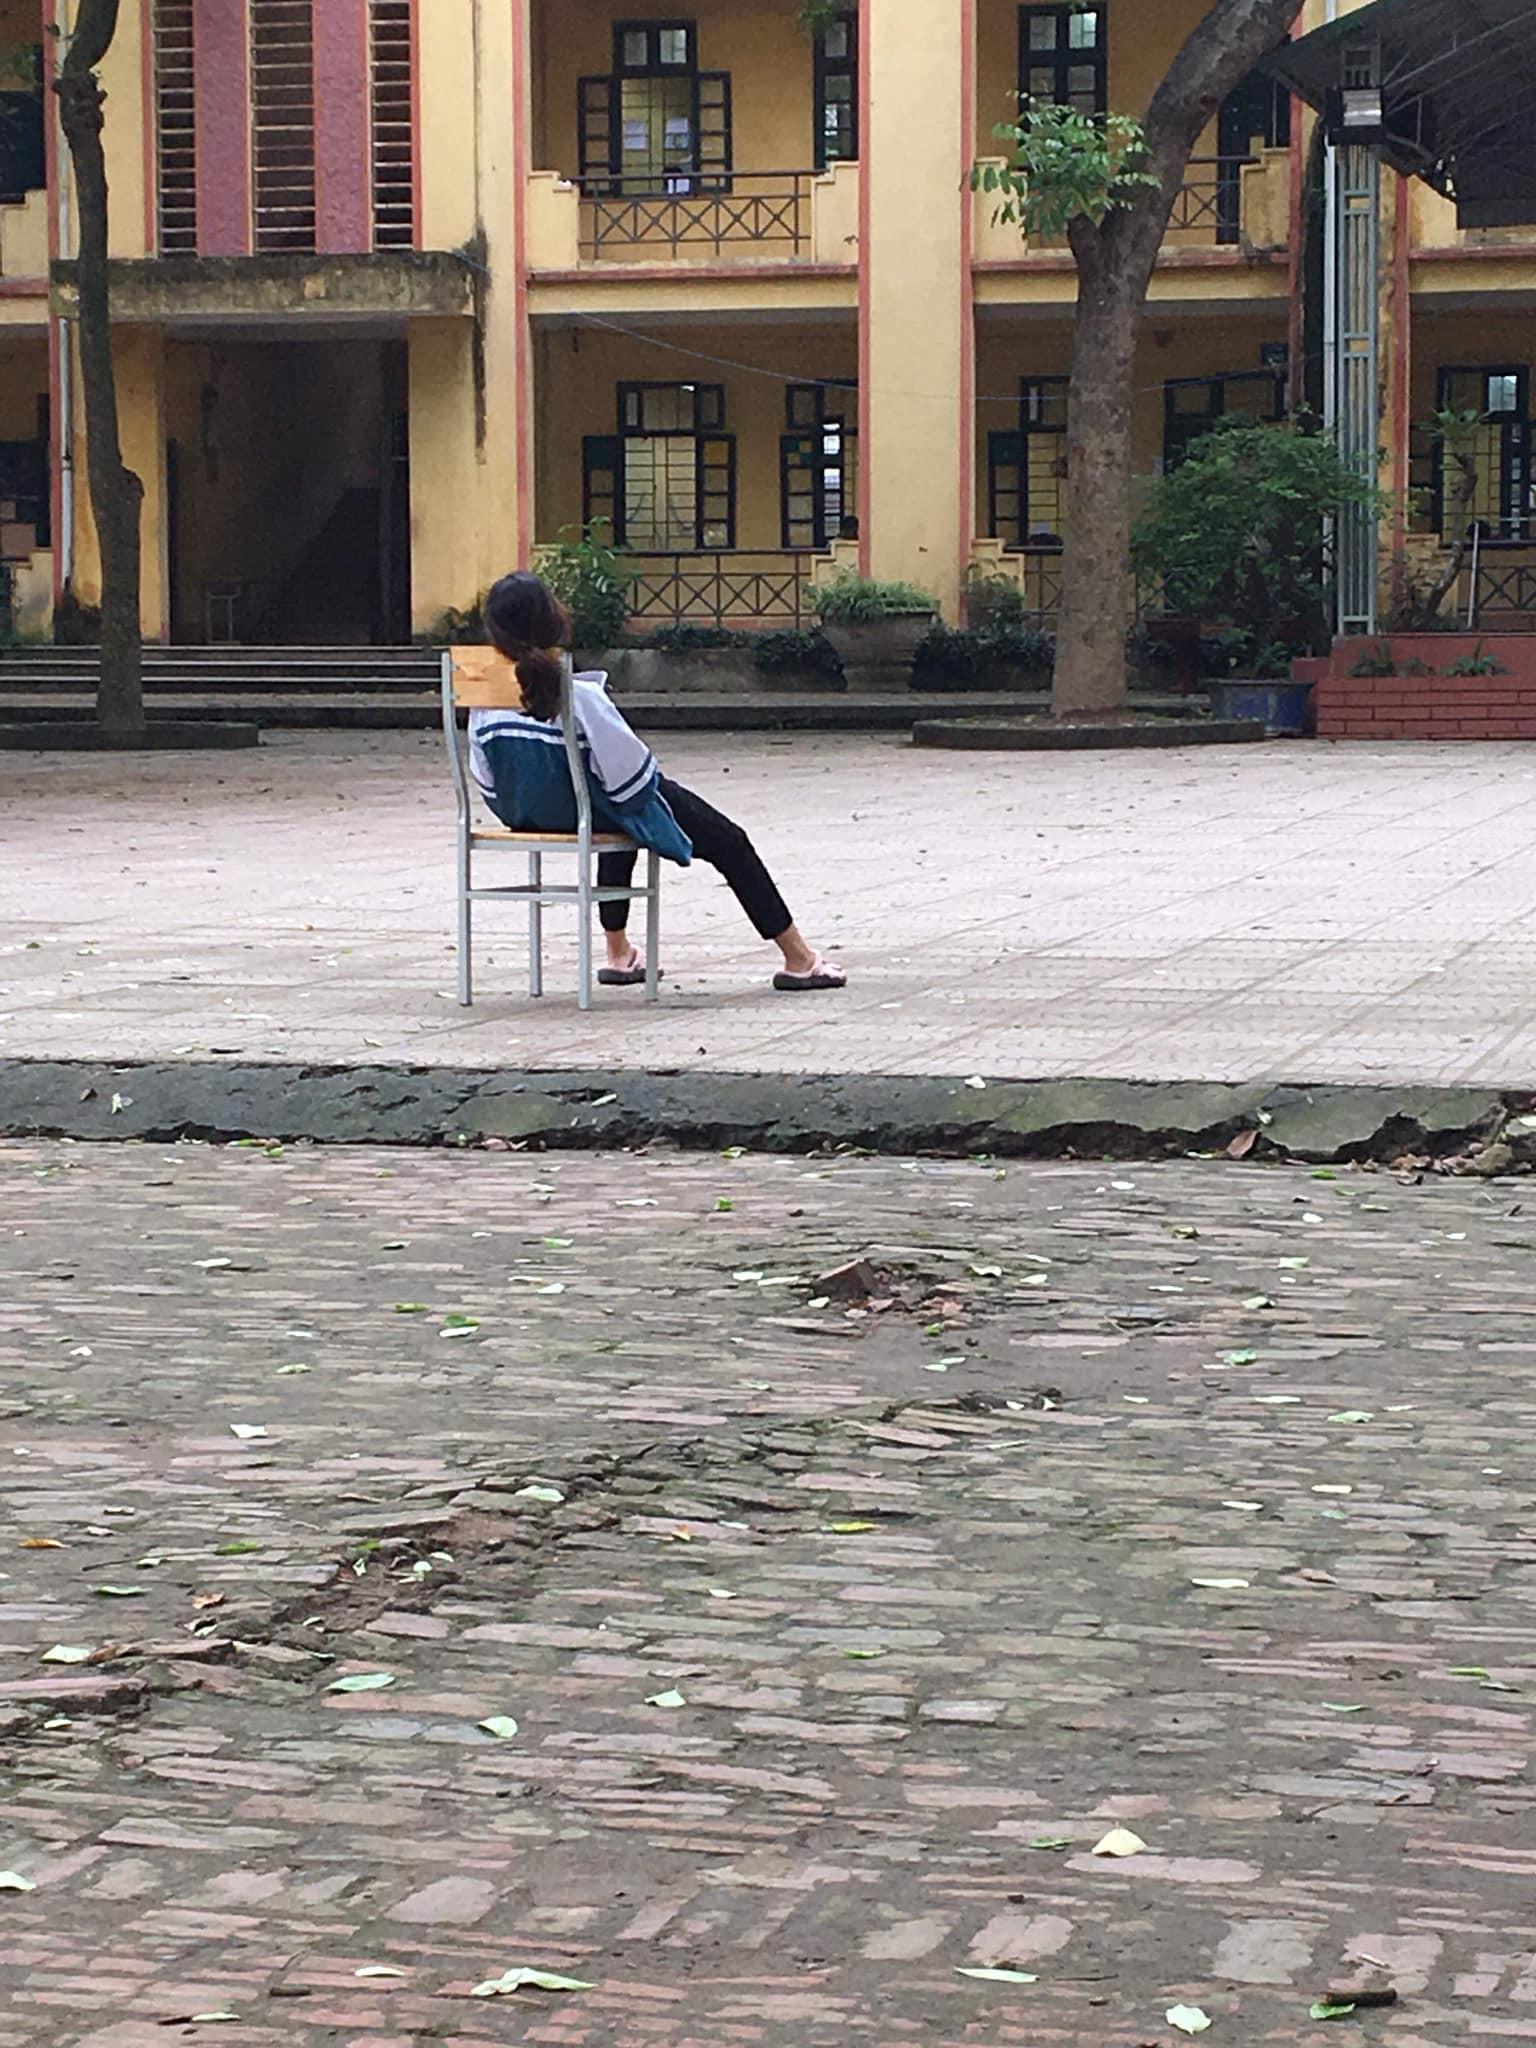 Tấm ảnh nữ sinh ngồi vật vã giữa sân trường: Em mệt rồi, đừng bắt em học nữa khiến cộng đồng mạng xót xa - Ảnh 1.